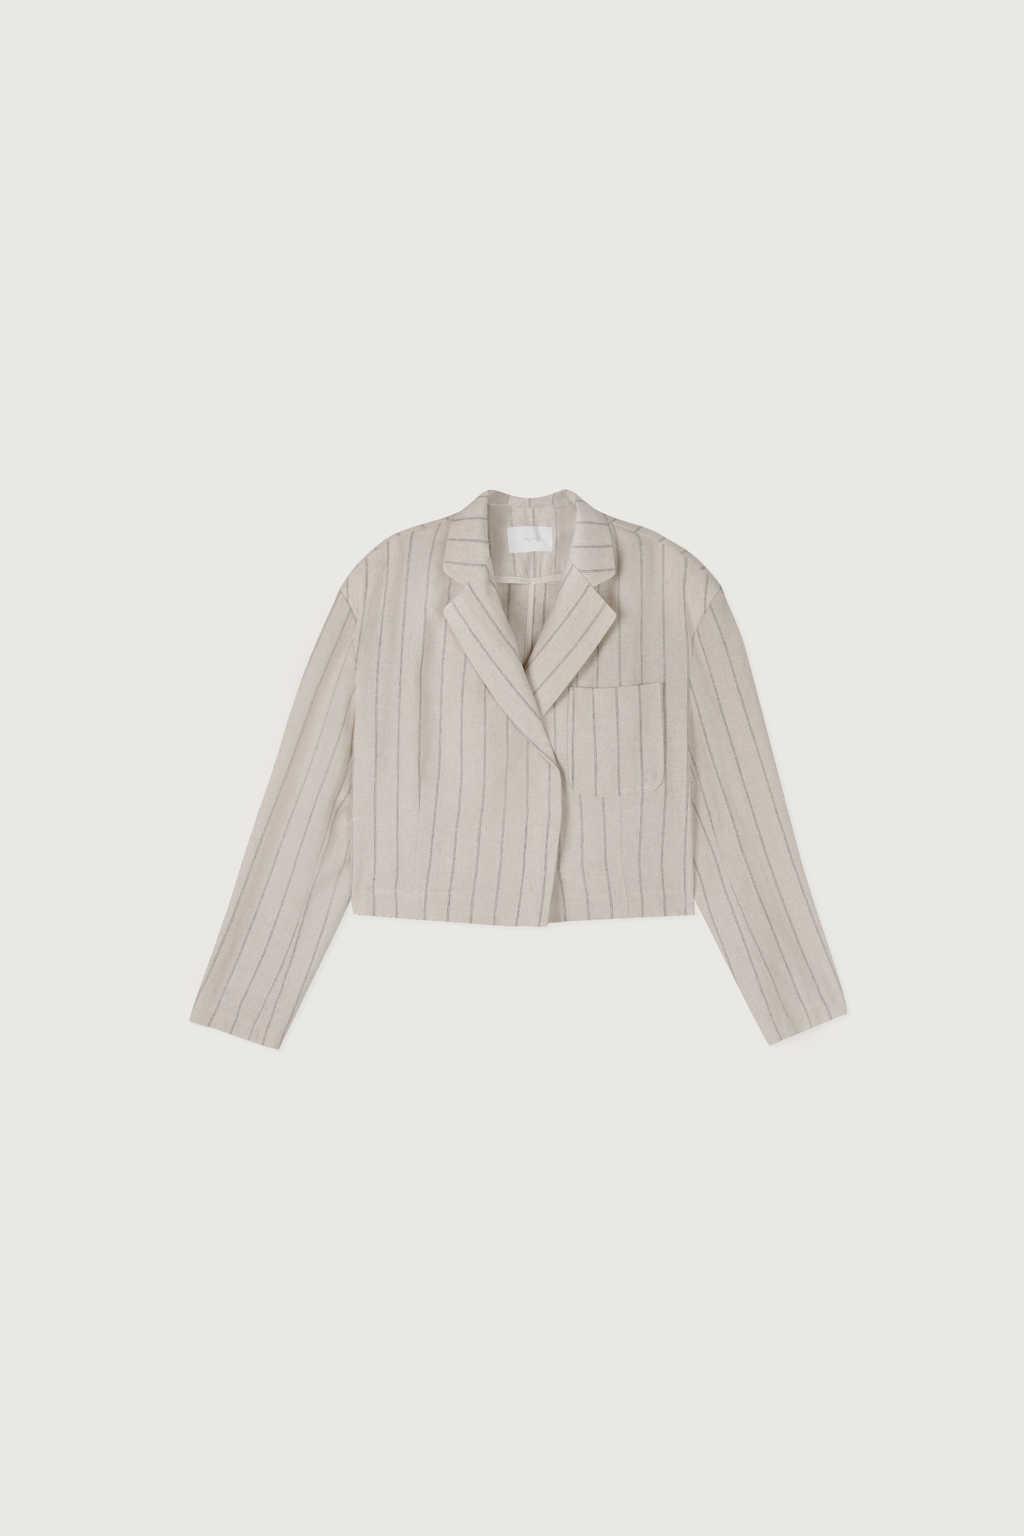 Jacket K006 Beige 5